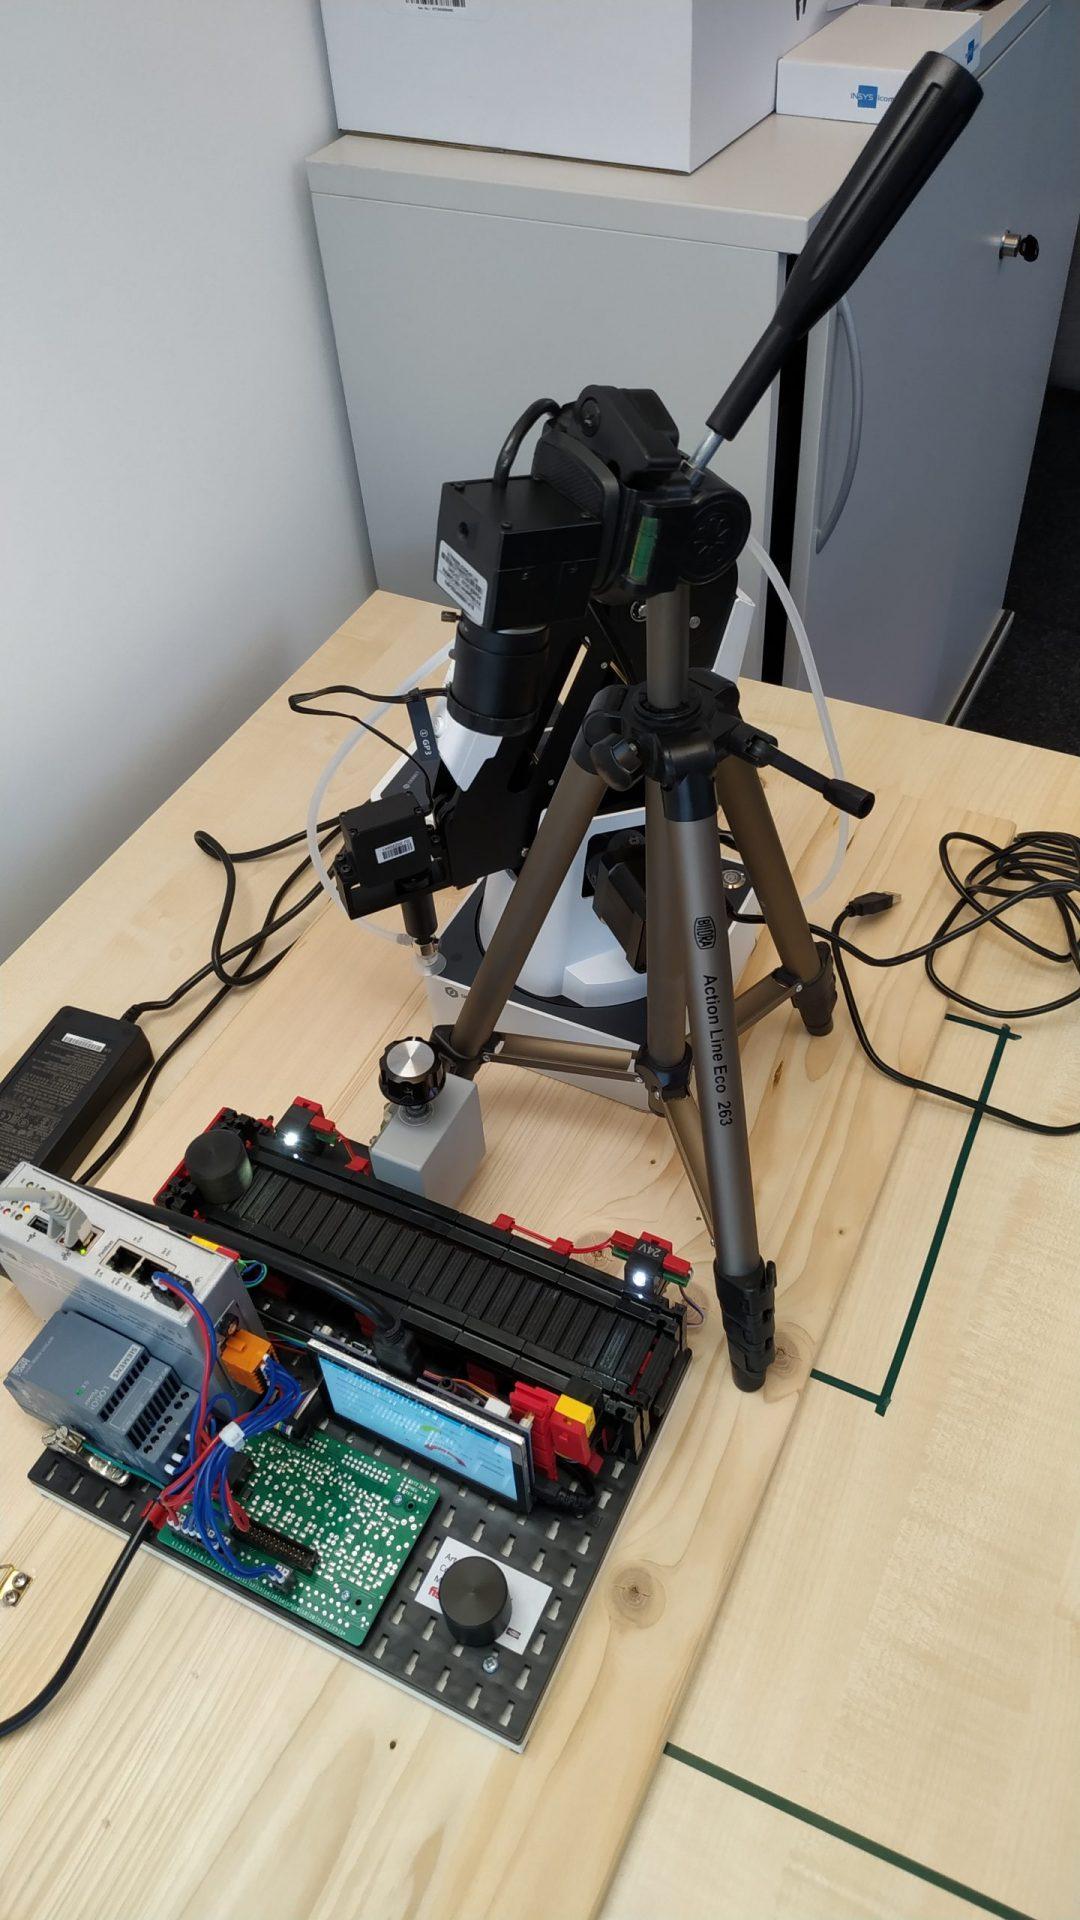 Prototyp zur Beobachtung eines Fließband Modells